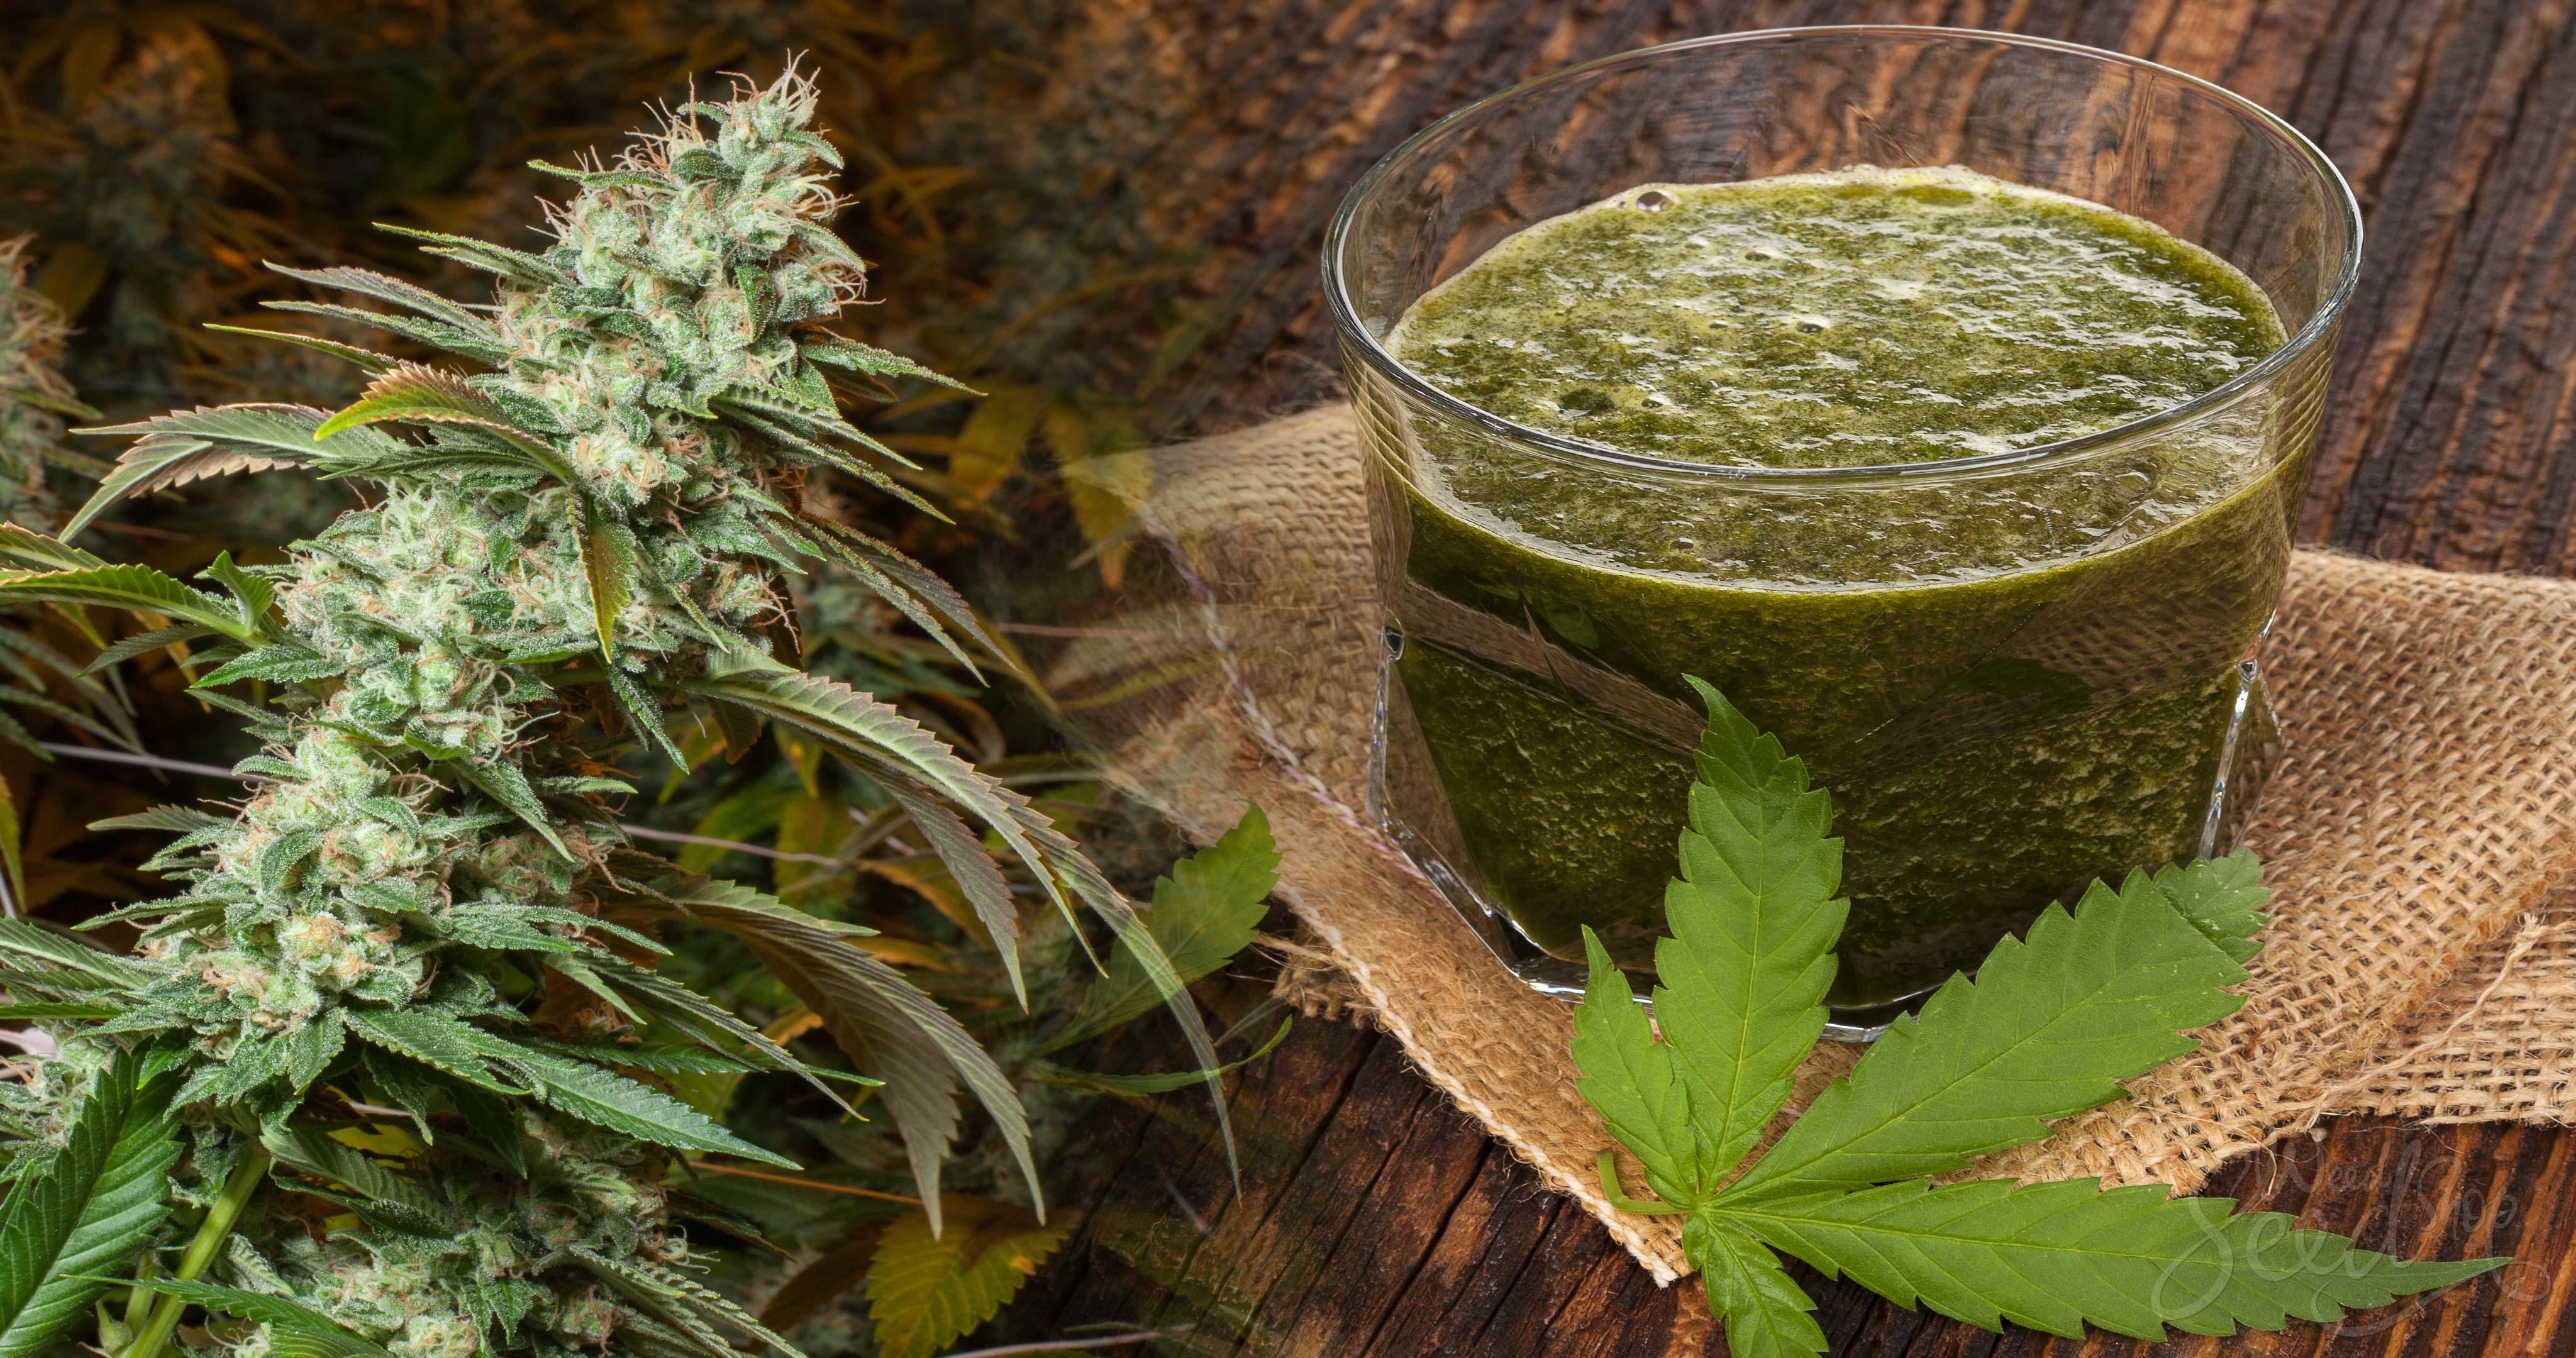 ¿Sabes cuáles son los beneficios del cannabis exprimido para la salud? - Weed Seed Shop Blog